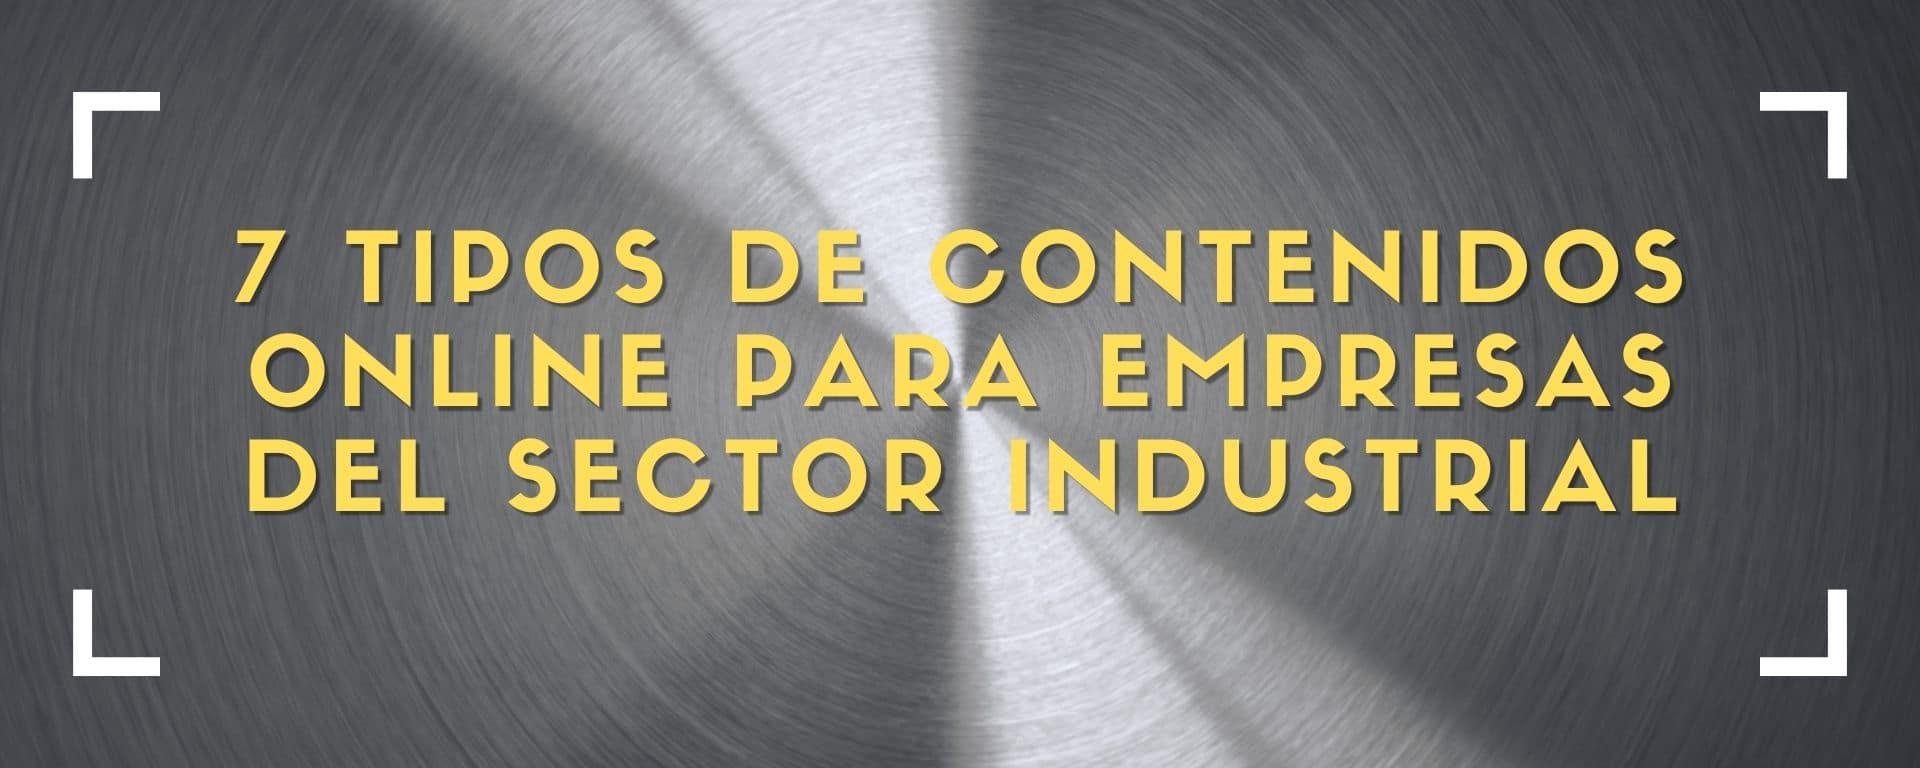 contenidos online para el sector industrial